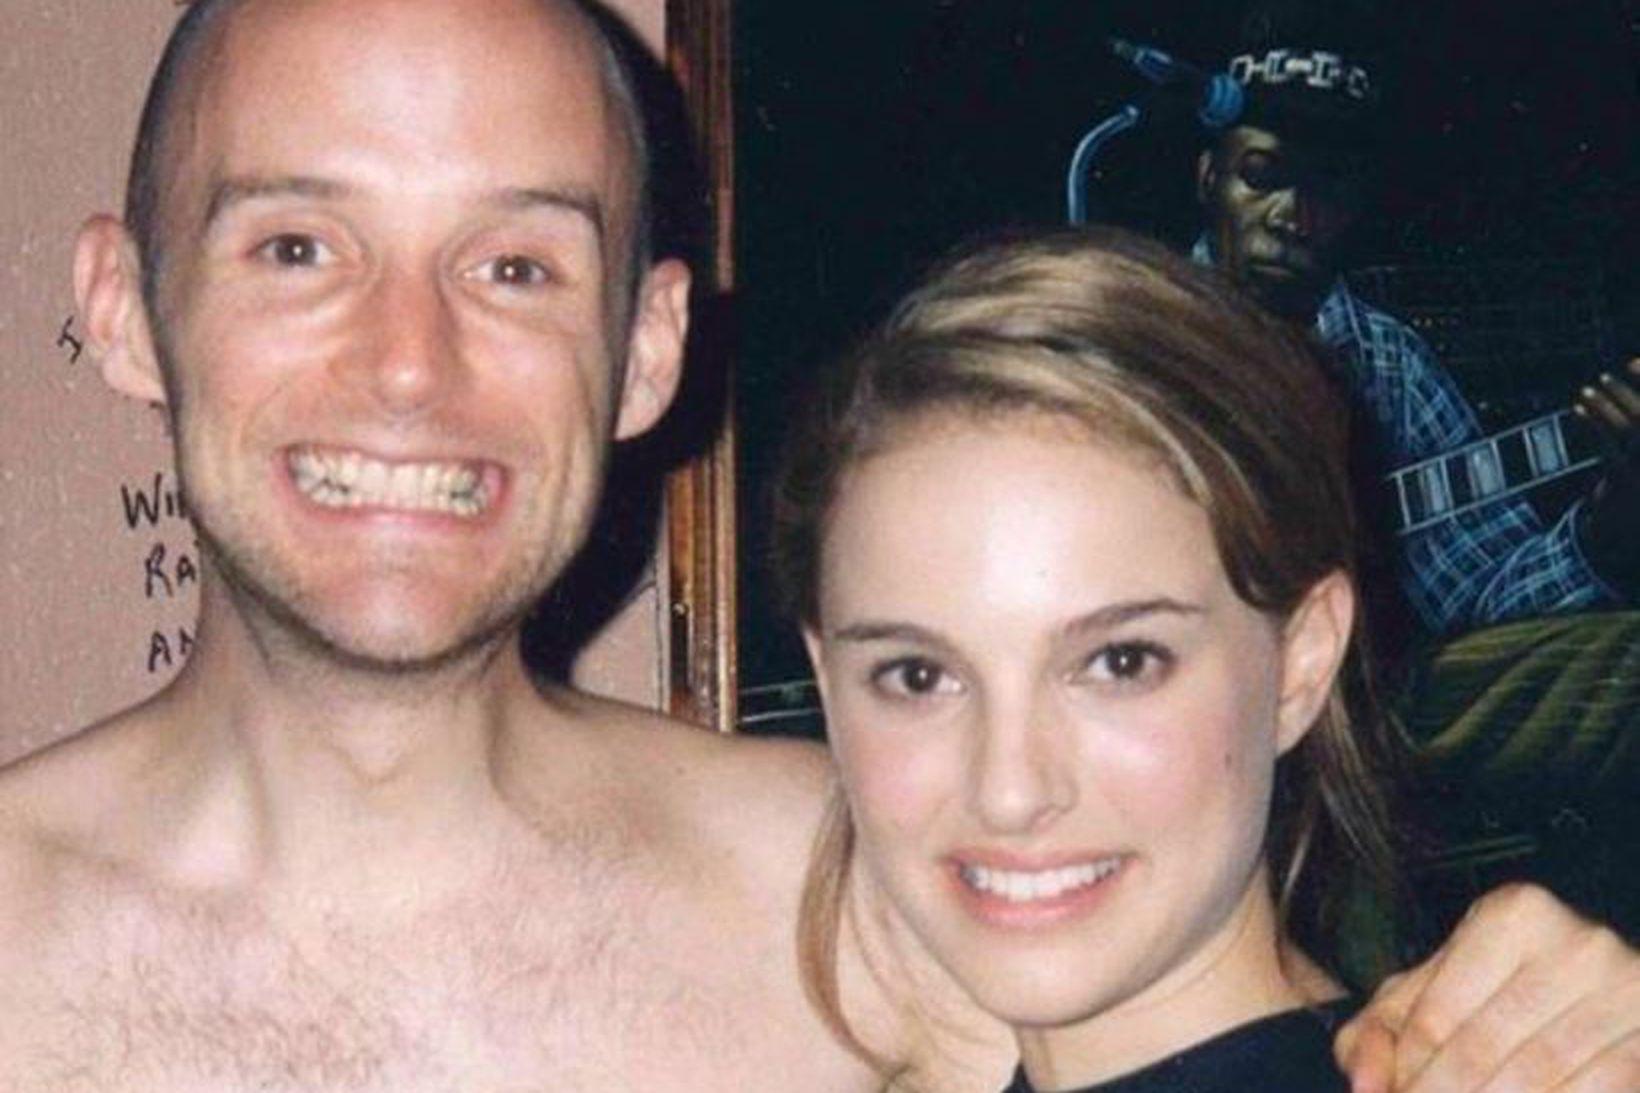 Moby birti þessa mynd af sér og Natalie Portman á …